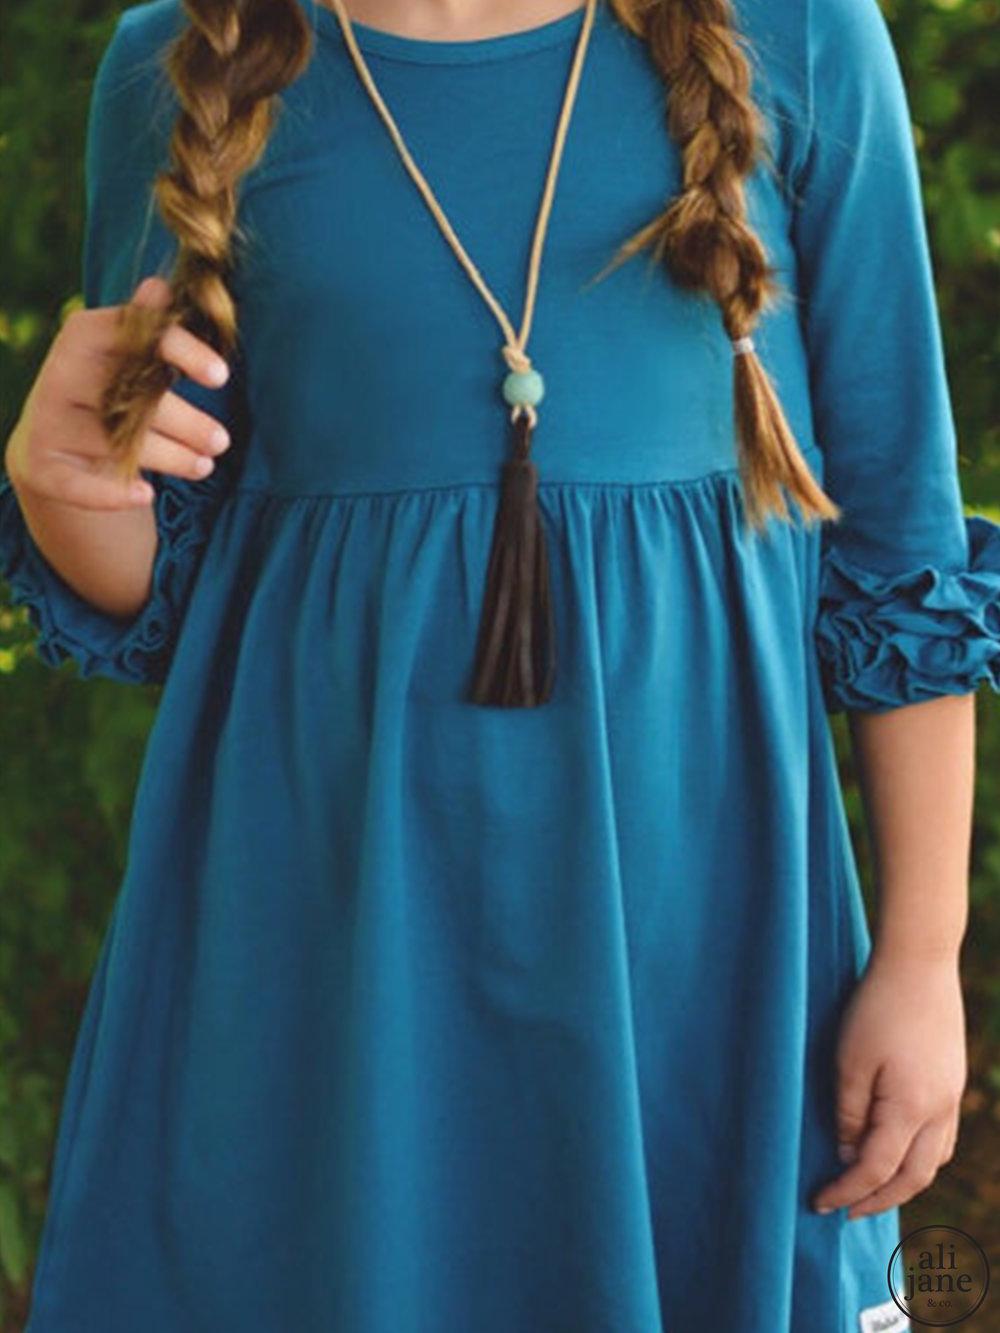 Dark brown leather tassel necklace